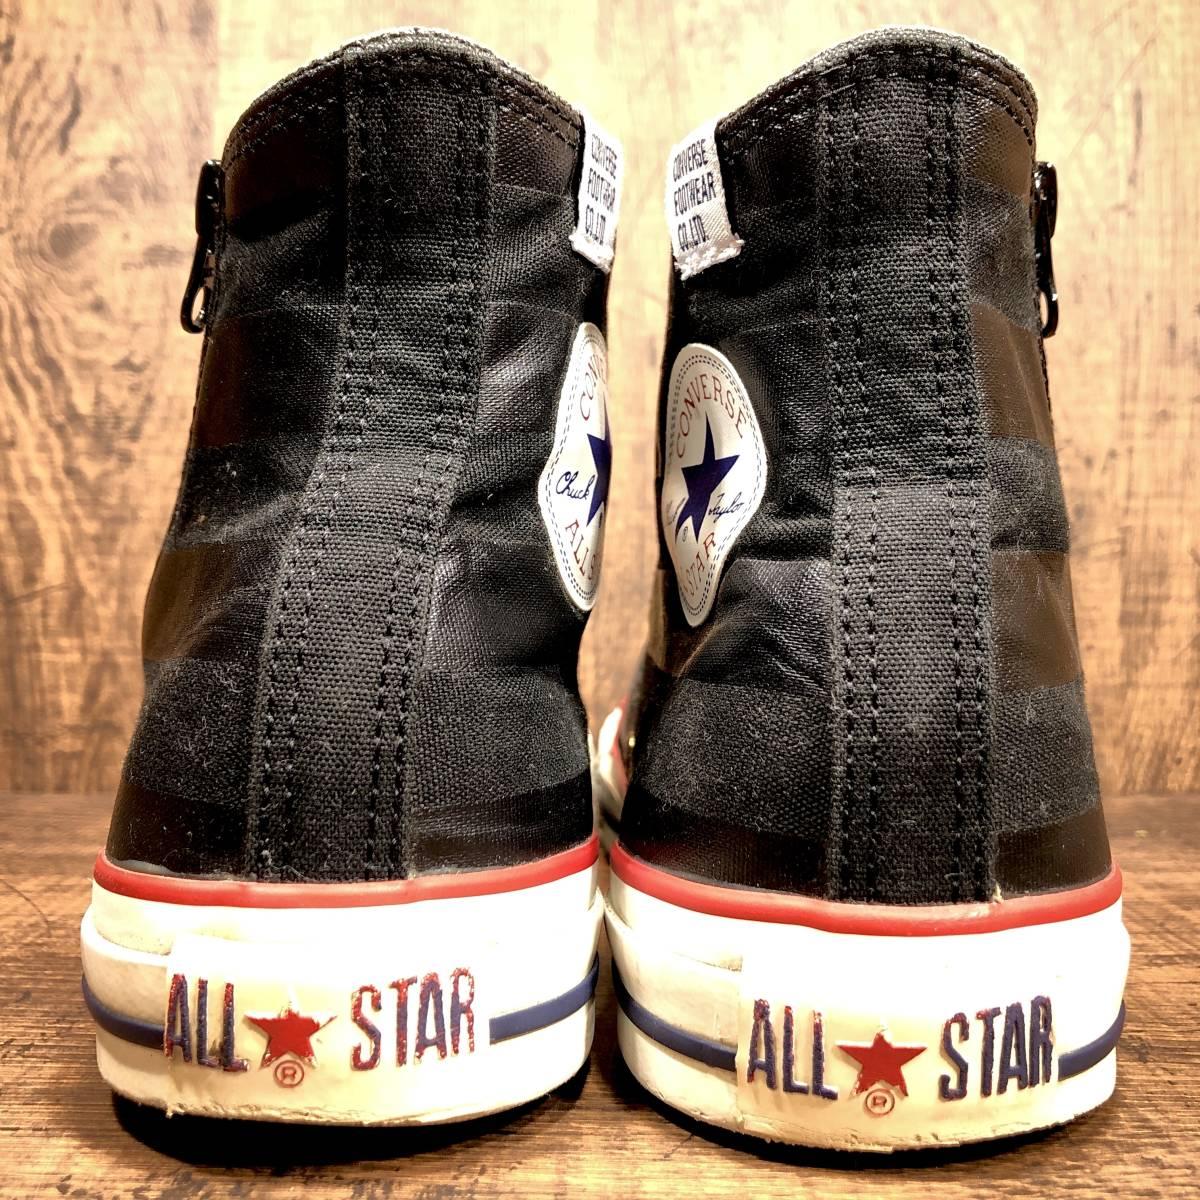 ■CONVERSE ALL STAR■ 26.5cm US8 黒 ブラック コンバース オールスター ハイカットスニーカー サイドジップ メンズ 靴 くつ 8ホール 即決_画像2